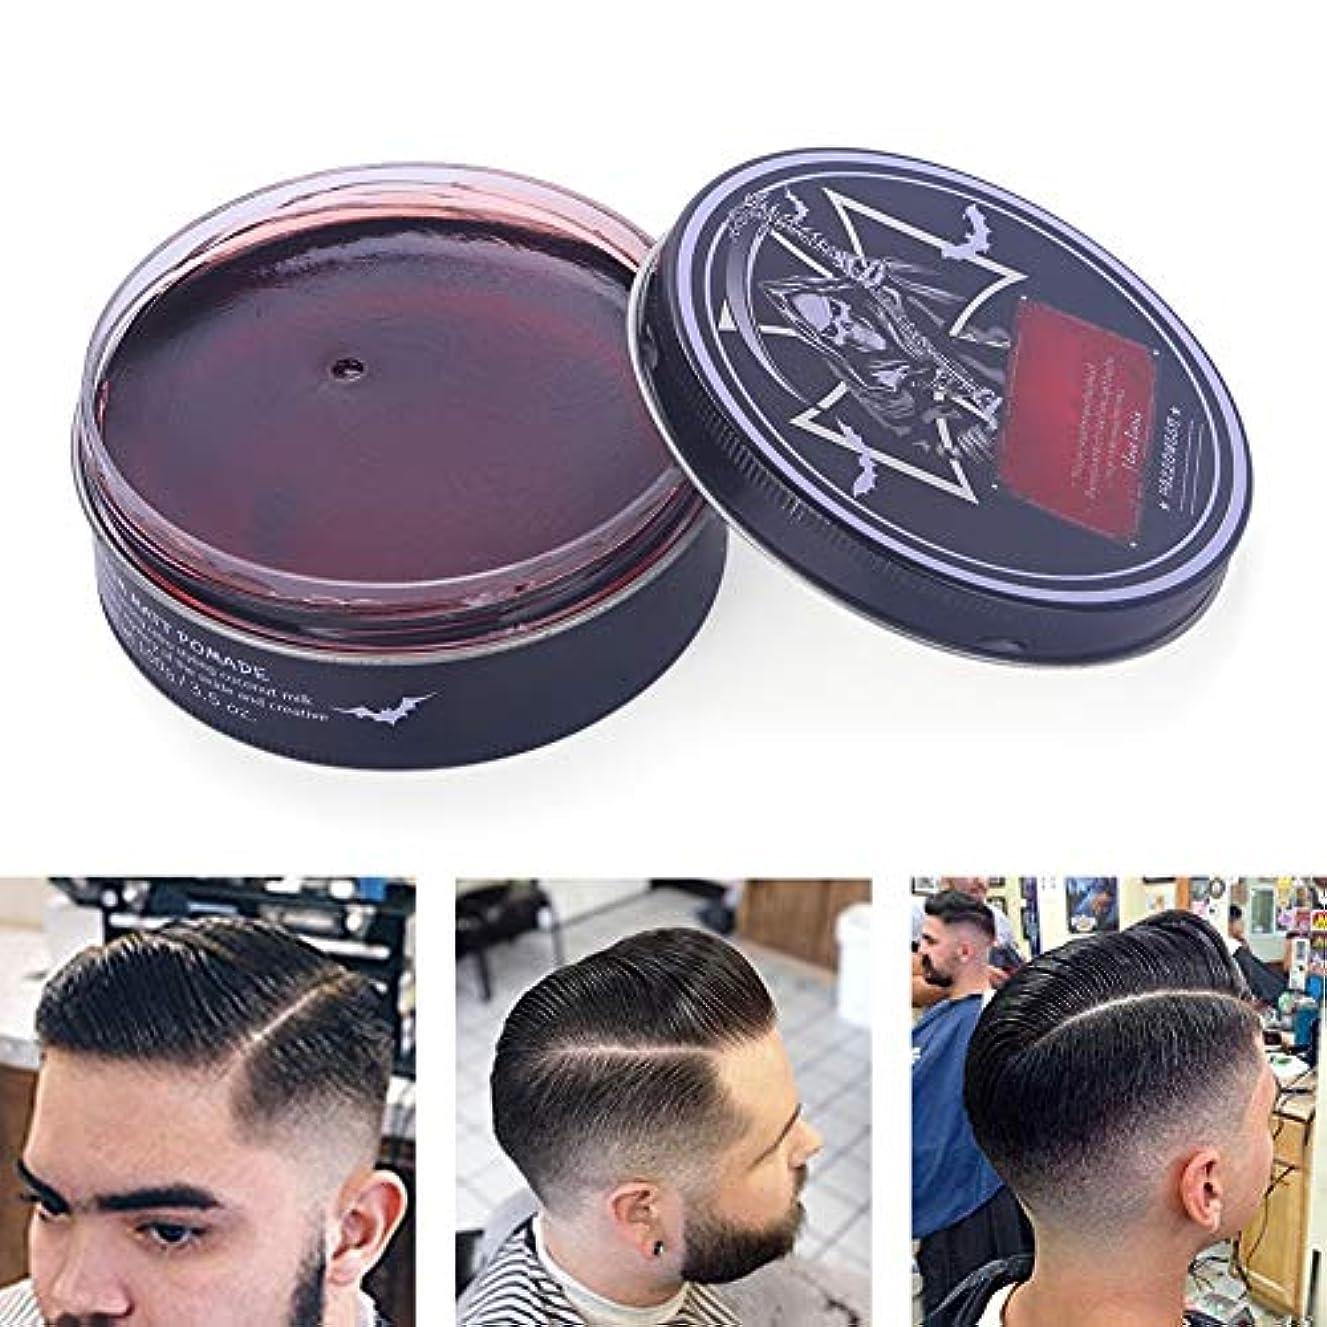 無許可説得力のある愚かプロのヘアスタイリング100ミリリットルを設計するための男性のためのヘアスタイリングワックス、ナチュラルおよび有機成分ヘアスタイリング粘土